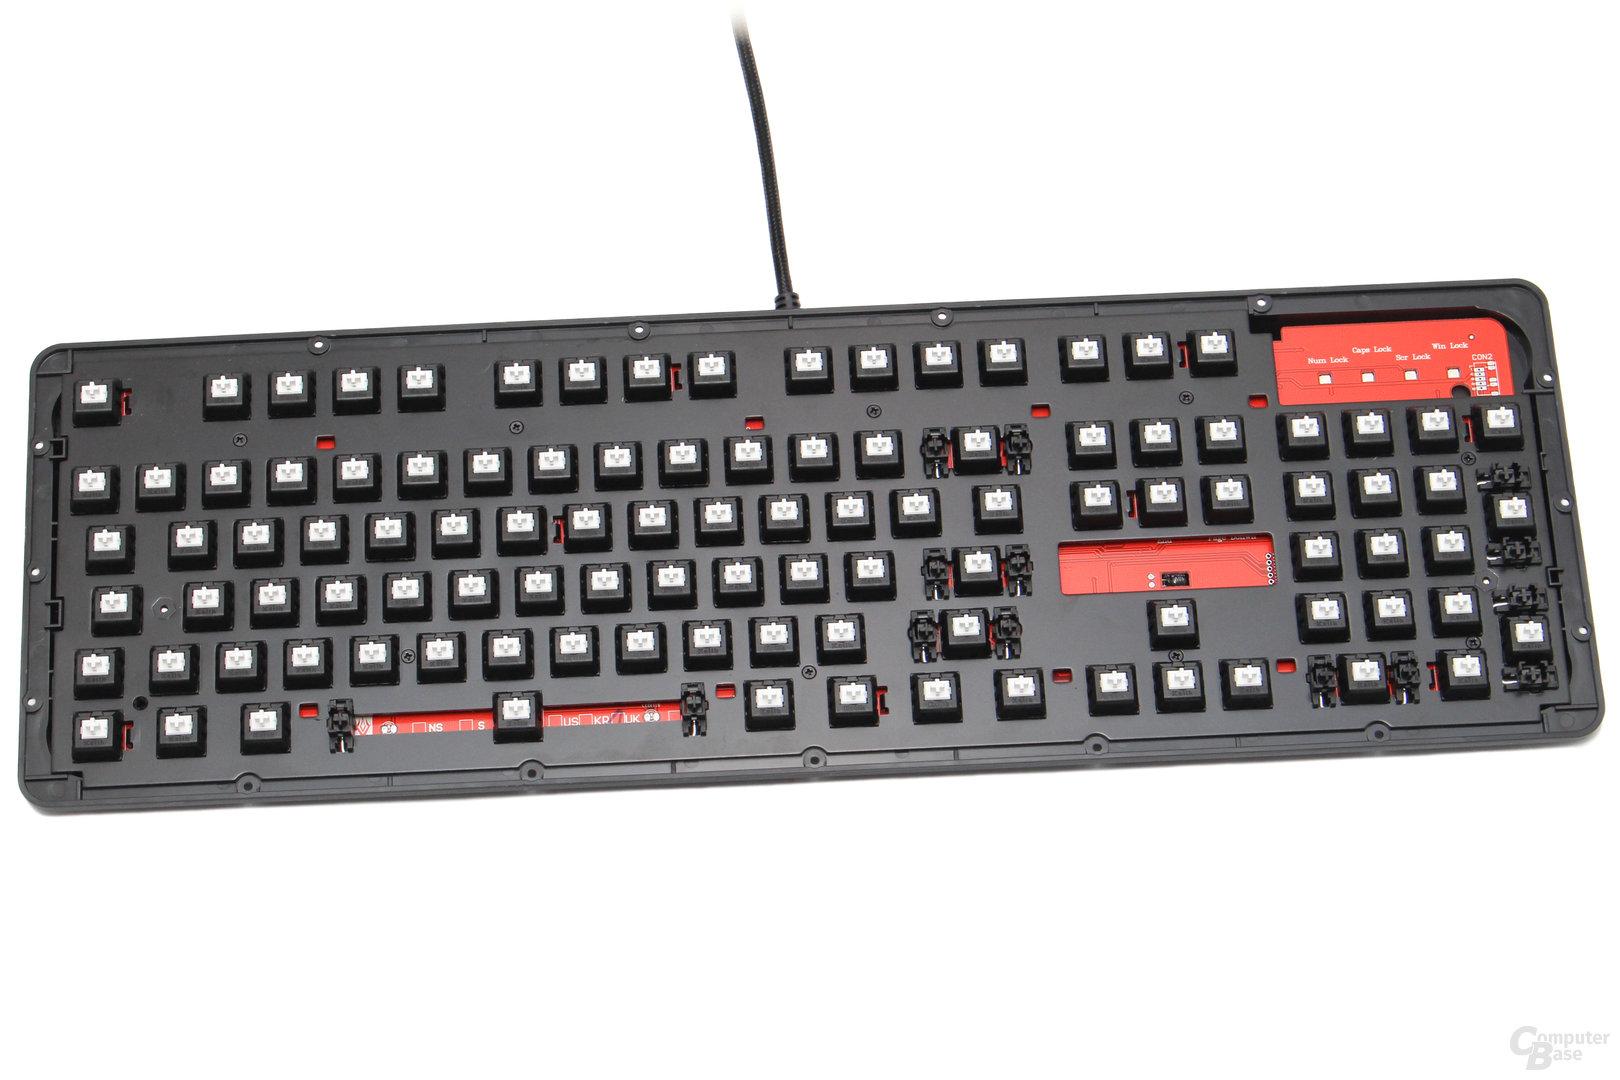 Ohne Deckel ist die Ncore Retro eine ganz normale Tastatur